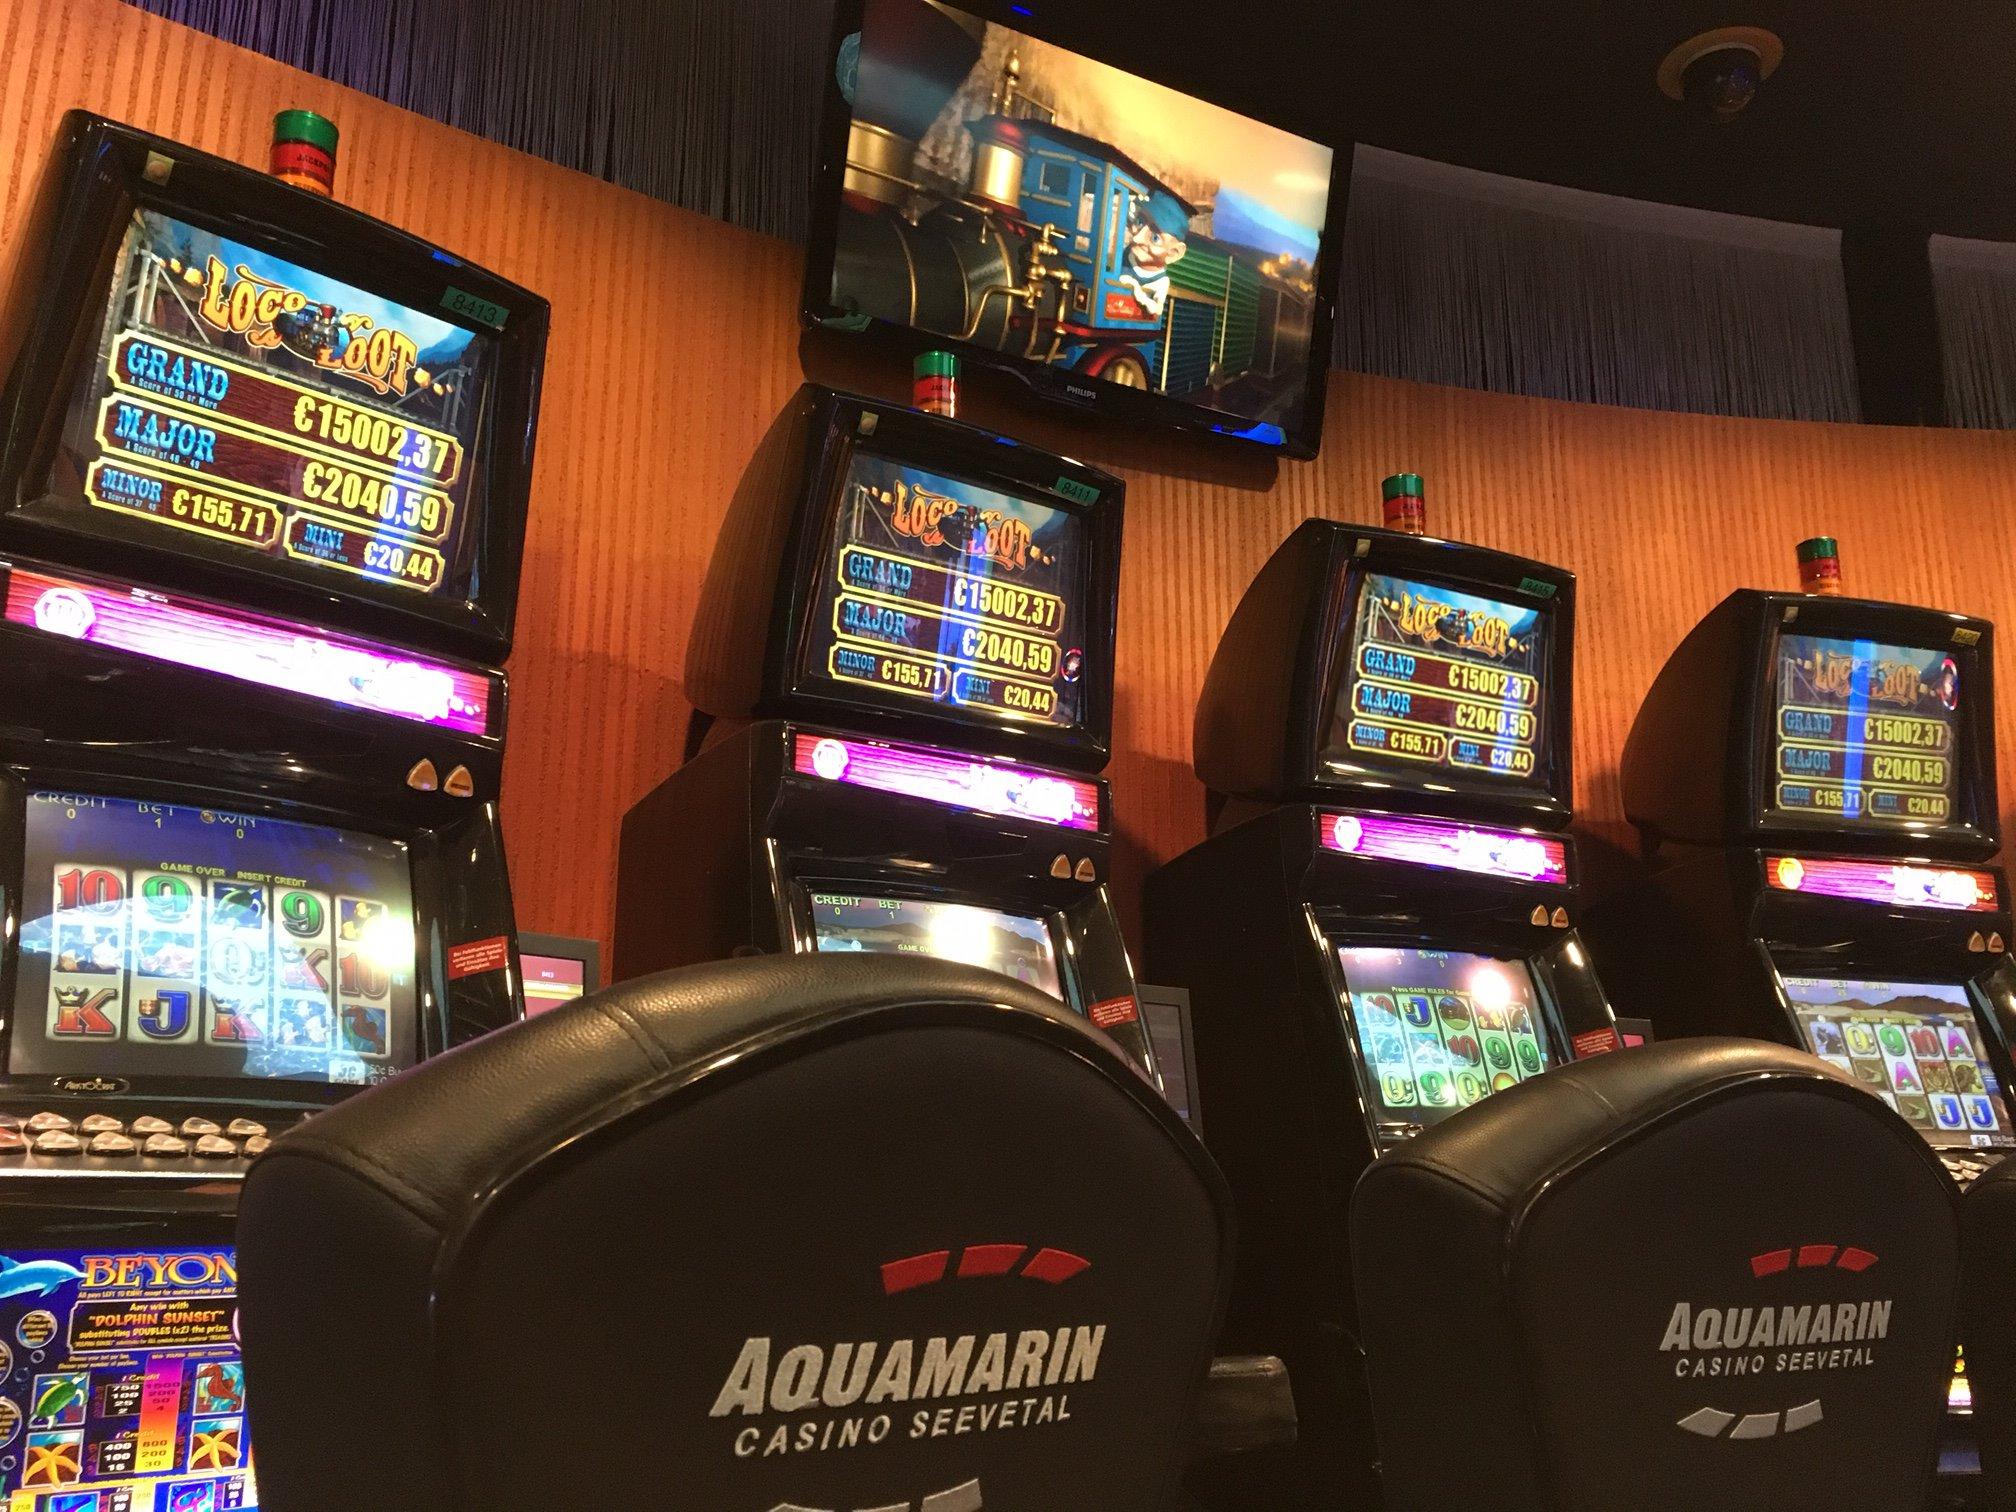 Spielbank Automaten Prognose -768855